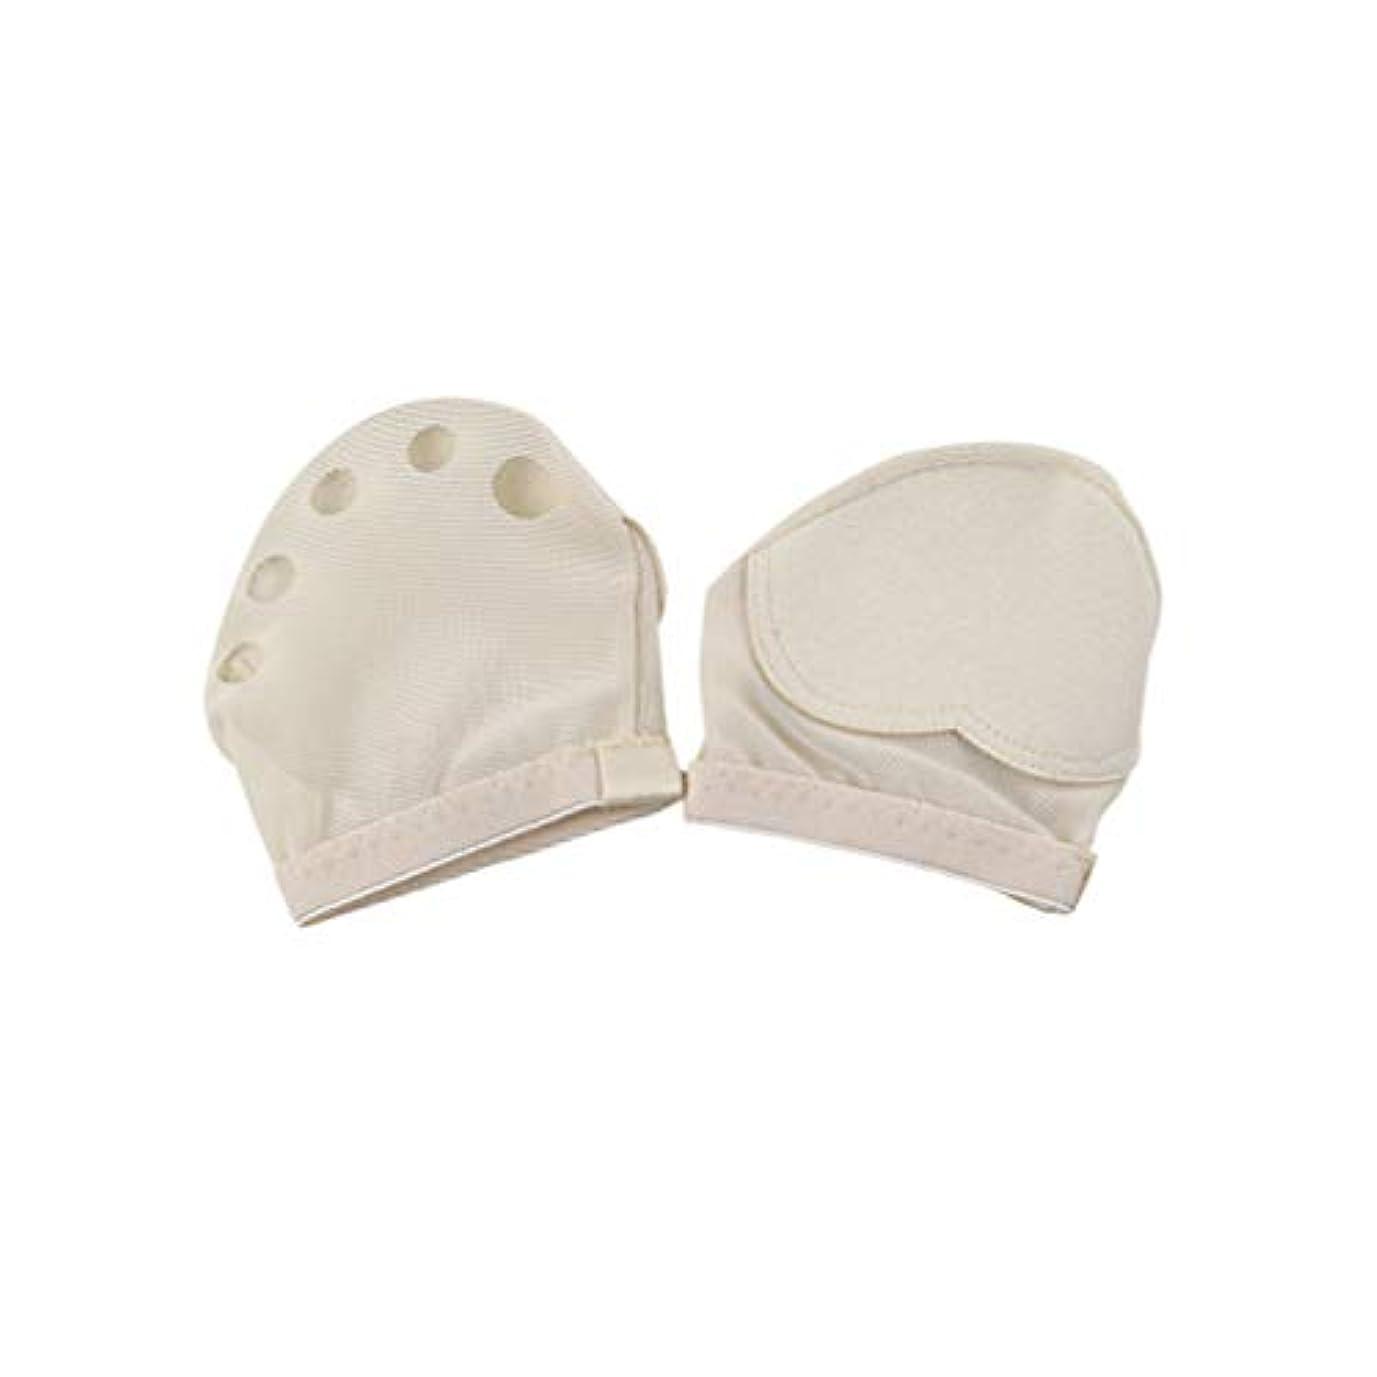 敬ペレットHealifty Womens Half Sole Dance Shoes Ballet Belly Dance Forefoot Pads Protective Foot Cushion Five Holes Size XL